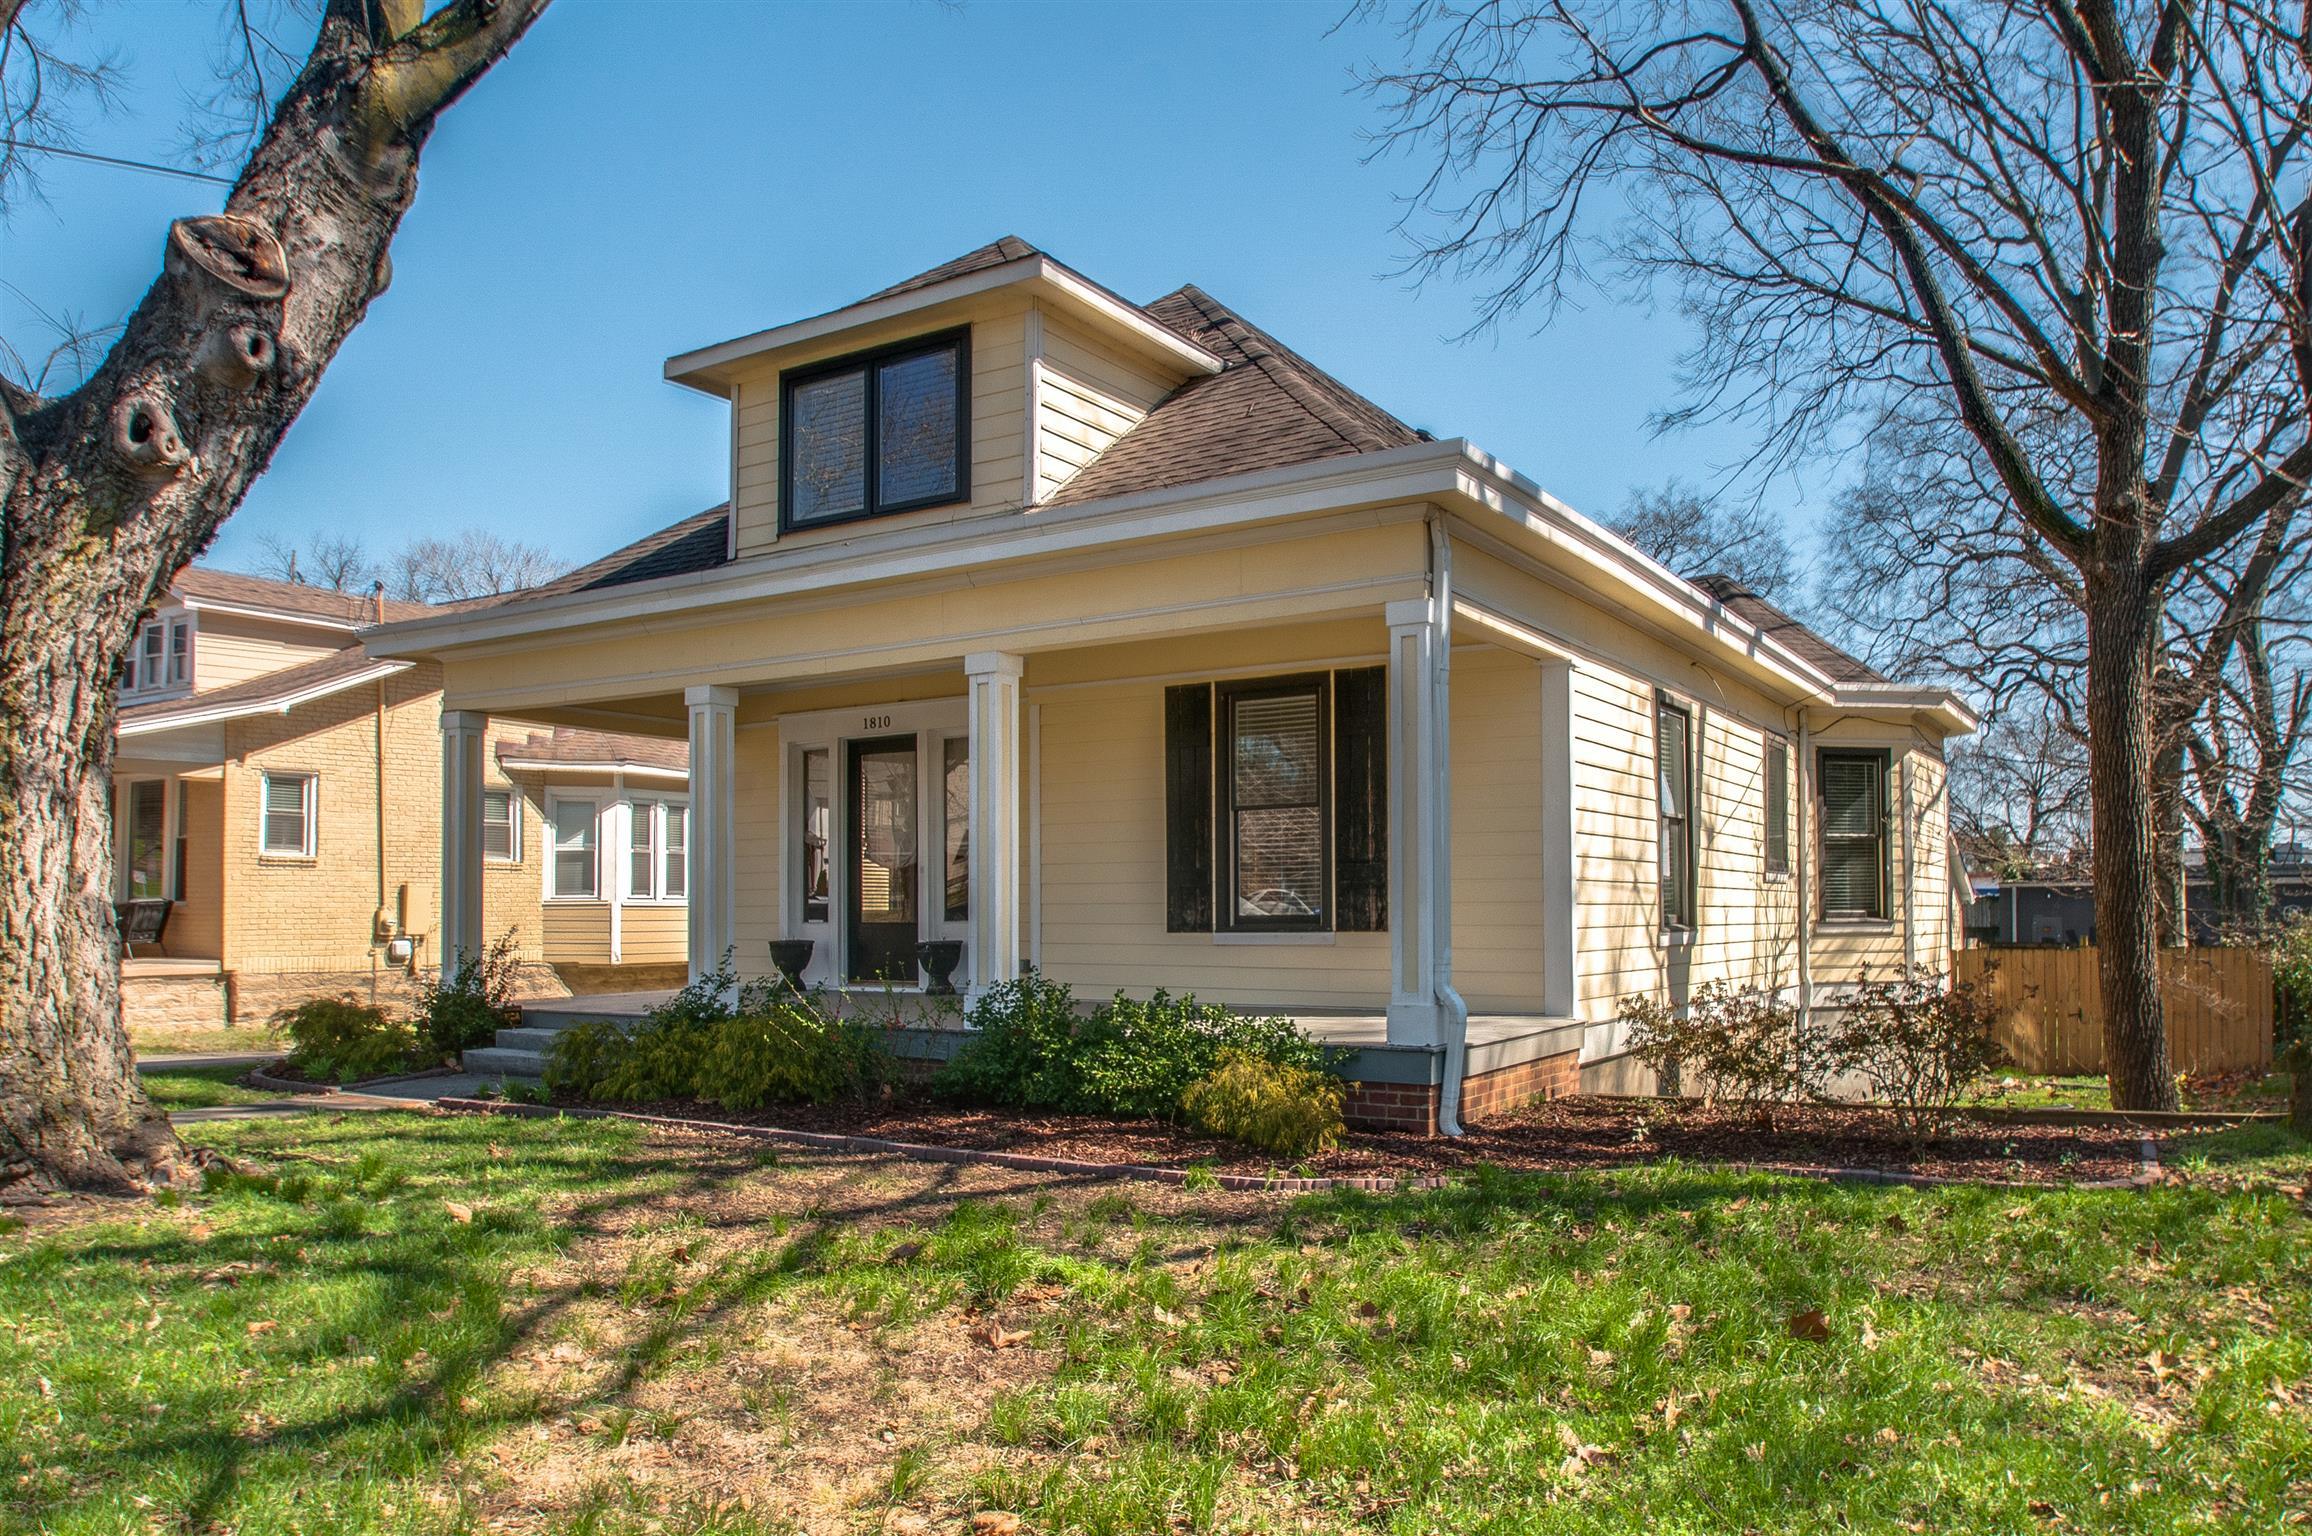 1810 Beech Ave Nashville, TN 37203